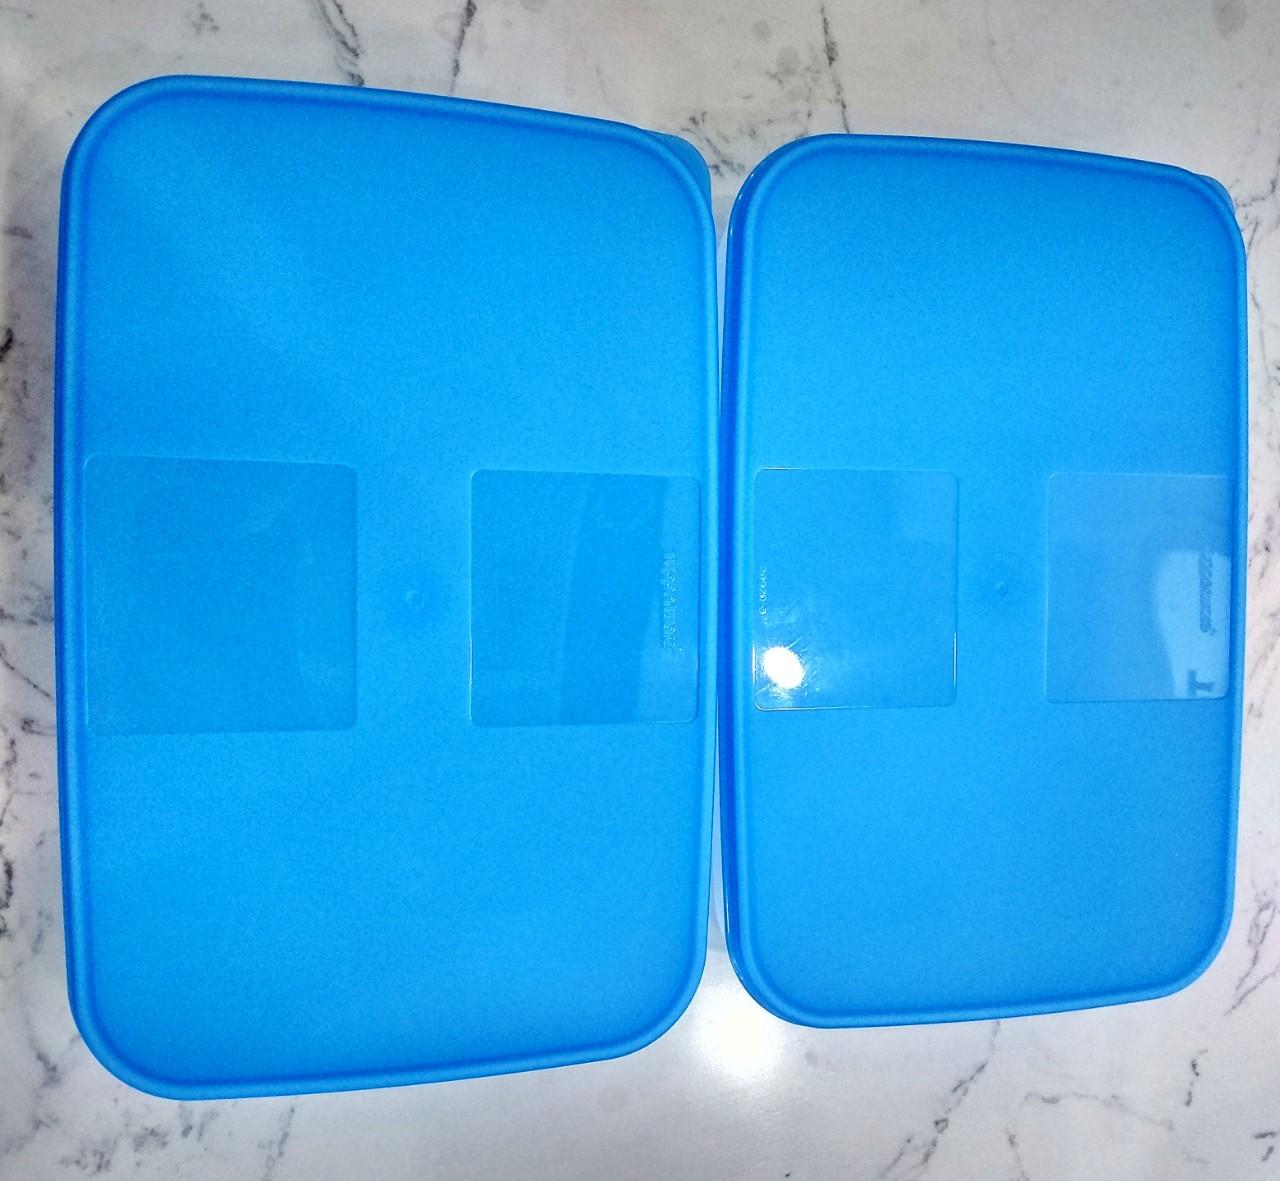 Bộ 2 hộp Trữ đông  freezermate 650 ML